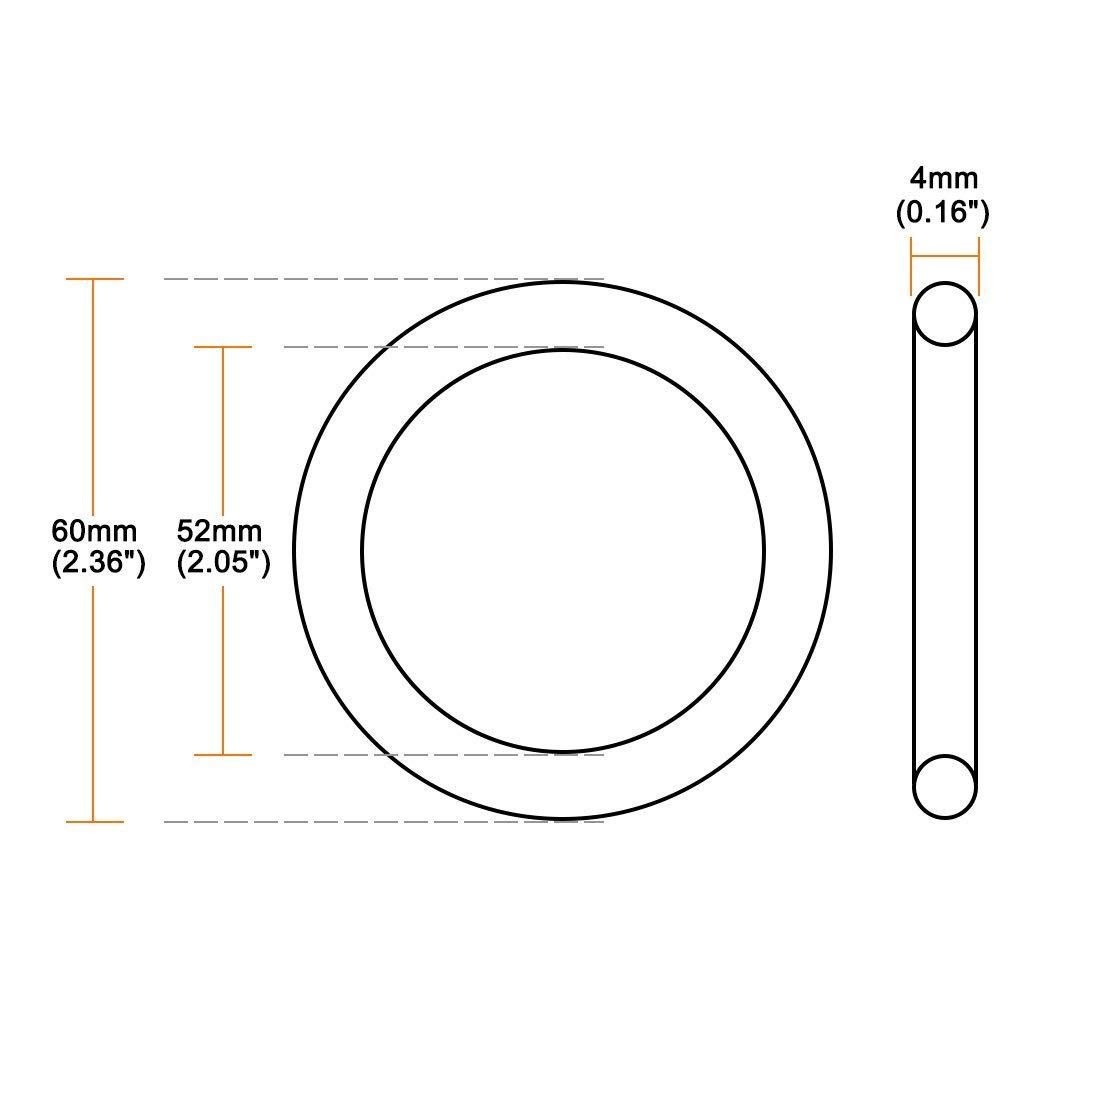 Caoutchouc nitrile pour joints toriques EUNOZAMY paquet de 10 diam/ètre int/érieur de 52 mm largeur de 4 mm joint d/étanch/éit/é rond diam/ètre ext/érieur de 60 mm